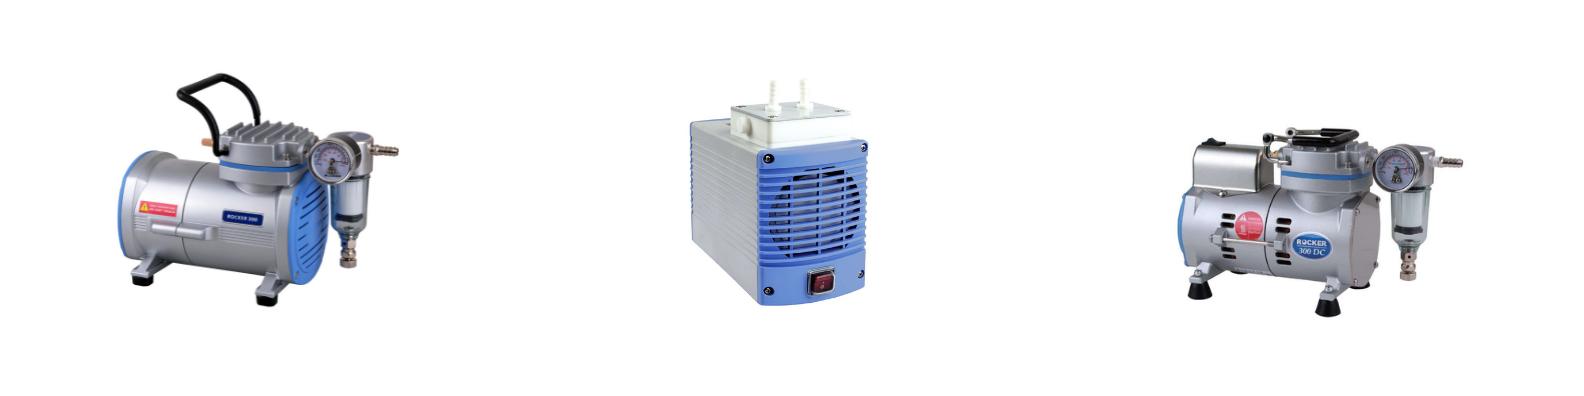 Interlab vacuum pumps